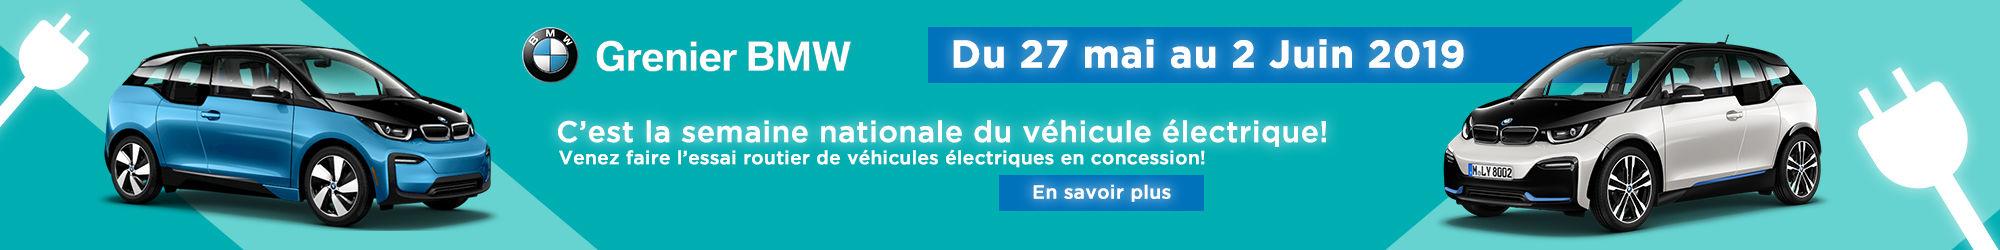 Grenier BMW : Semaine électrique!